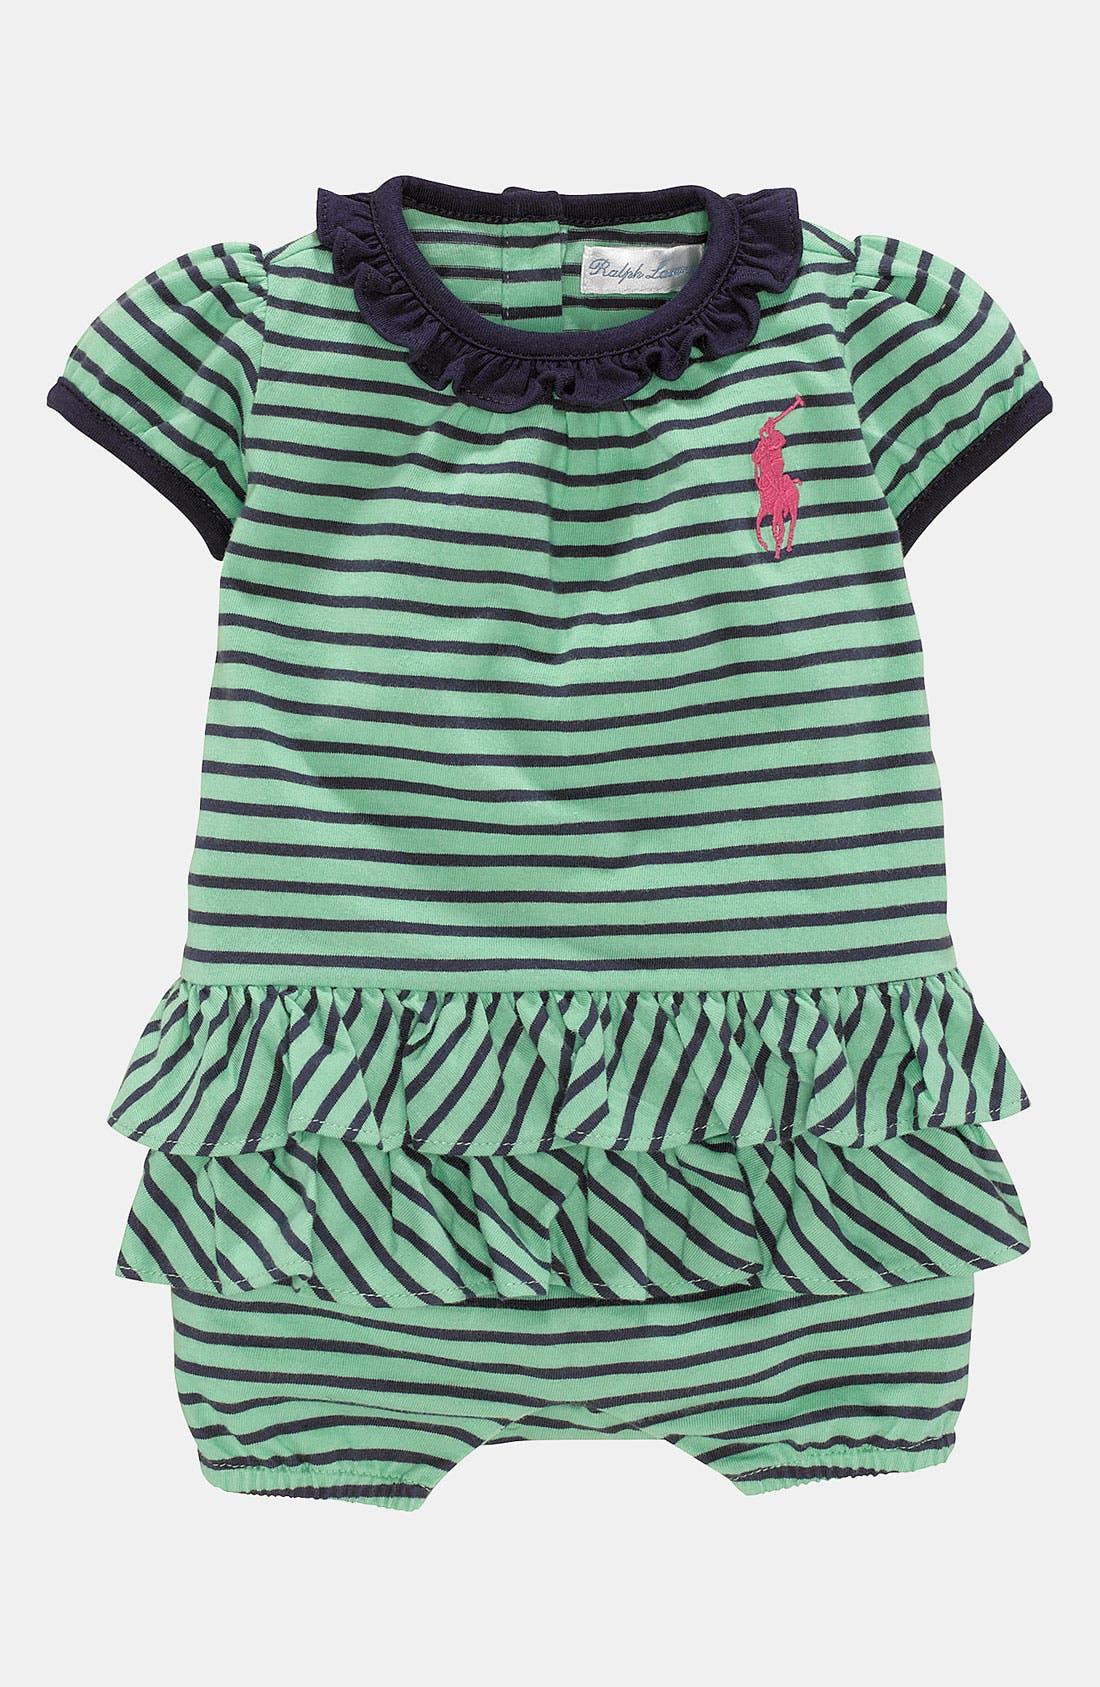 Alternate Image 1 Selected - Ralph Lauren Stripe Bodysuit (Infant)